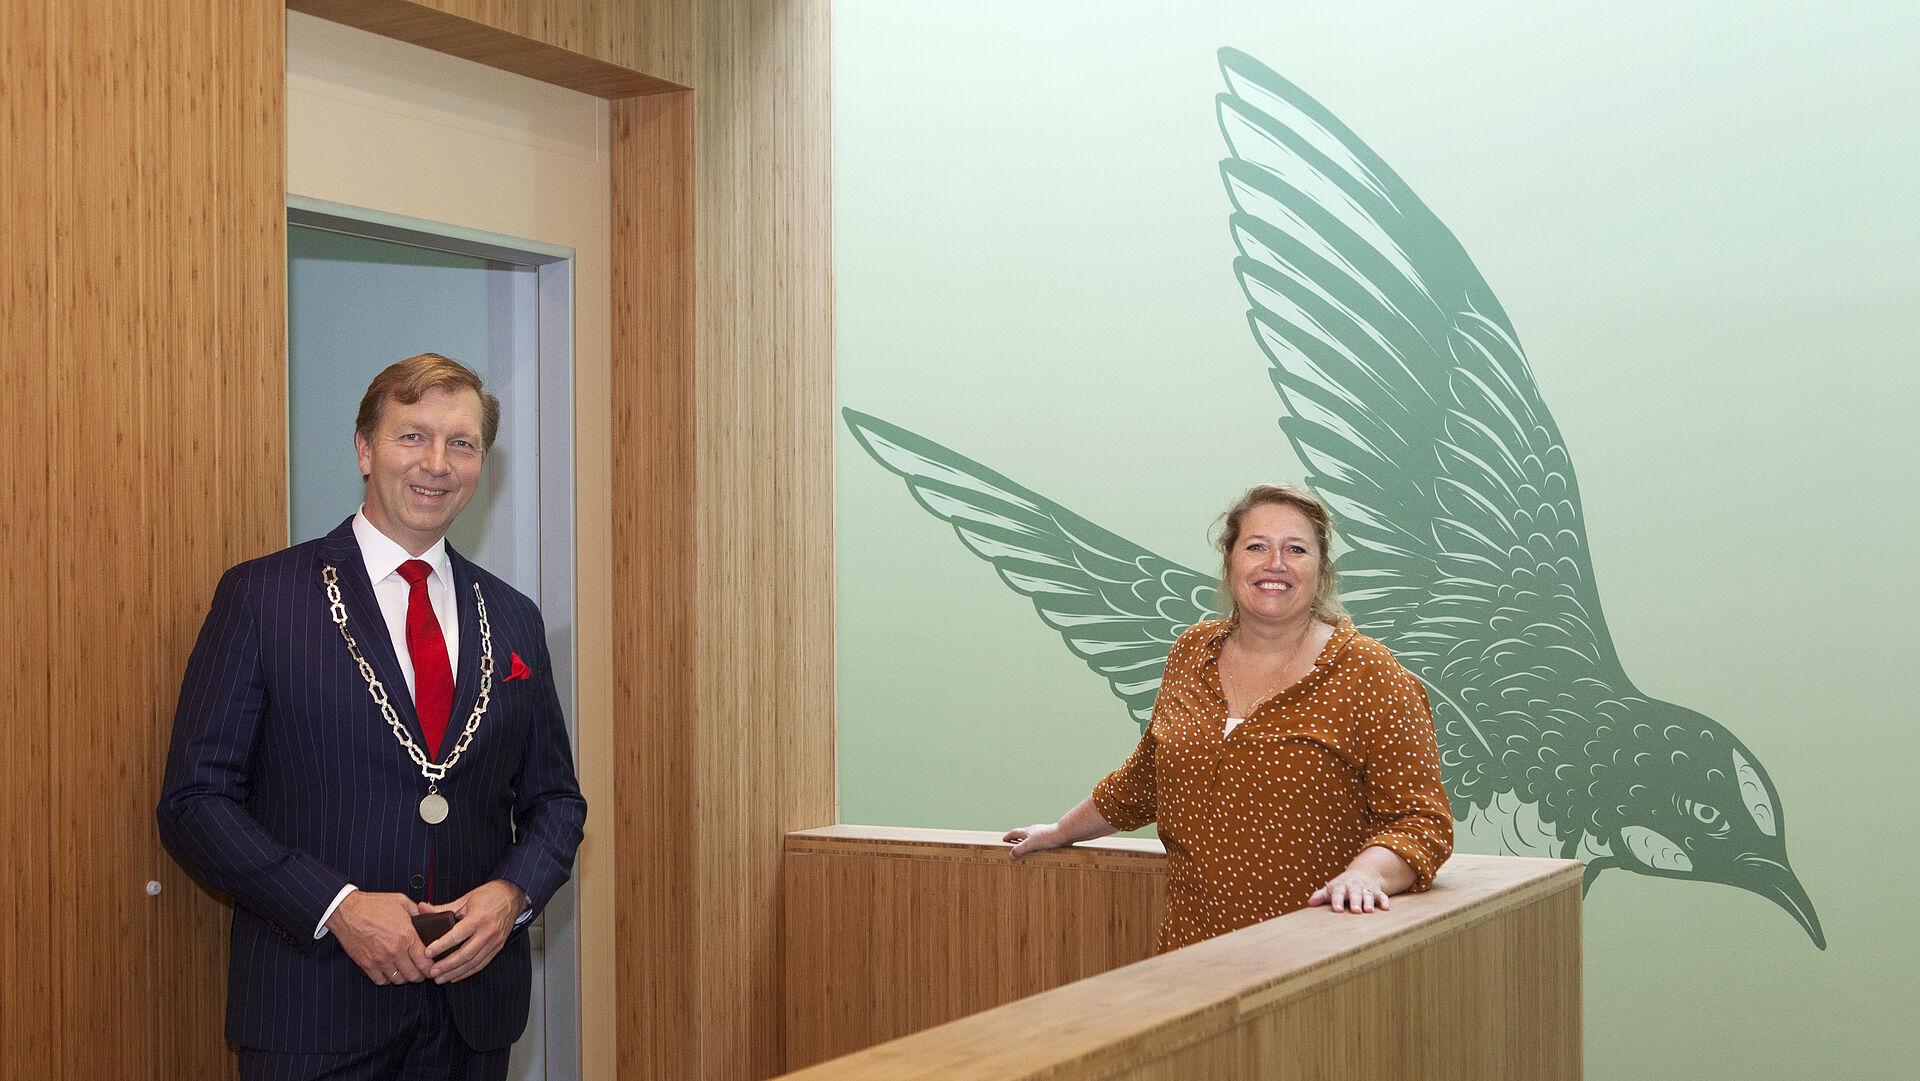 Burgemeester en vrouw in het nieuwe IKC bij muurschildering zwaluw